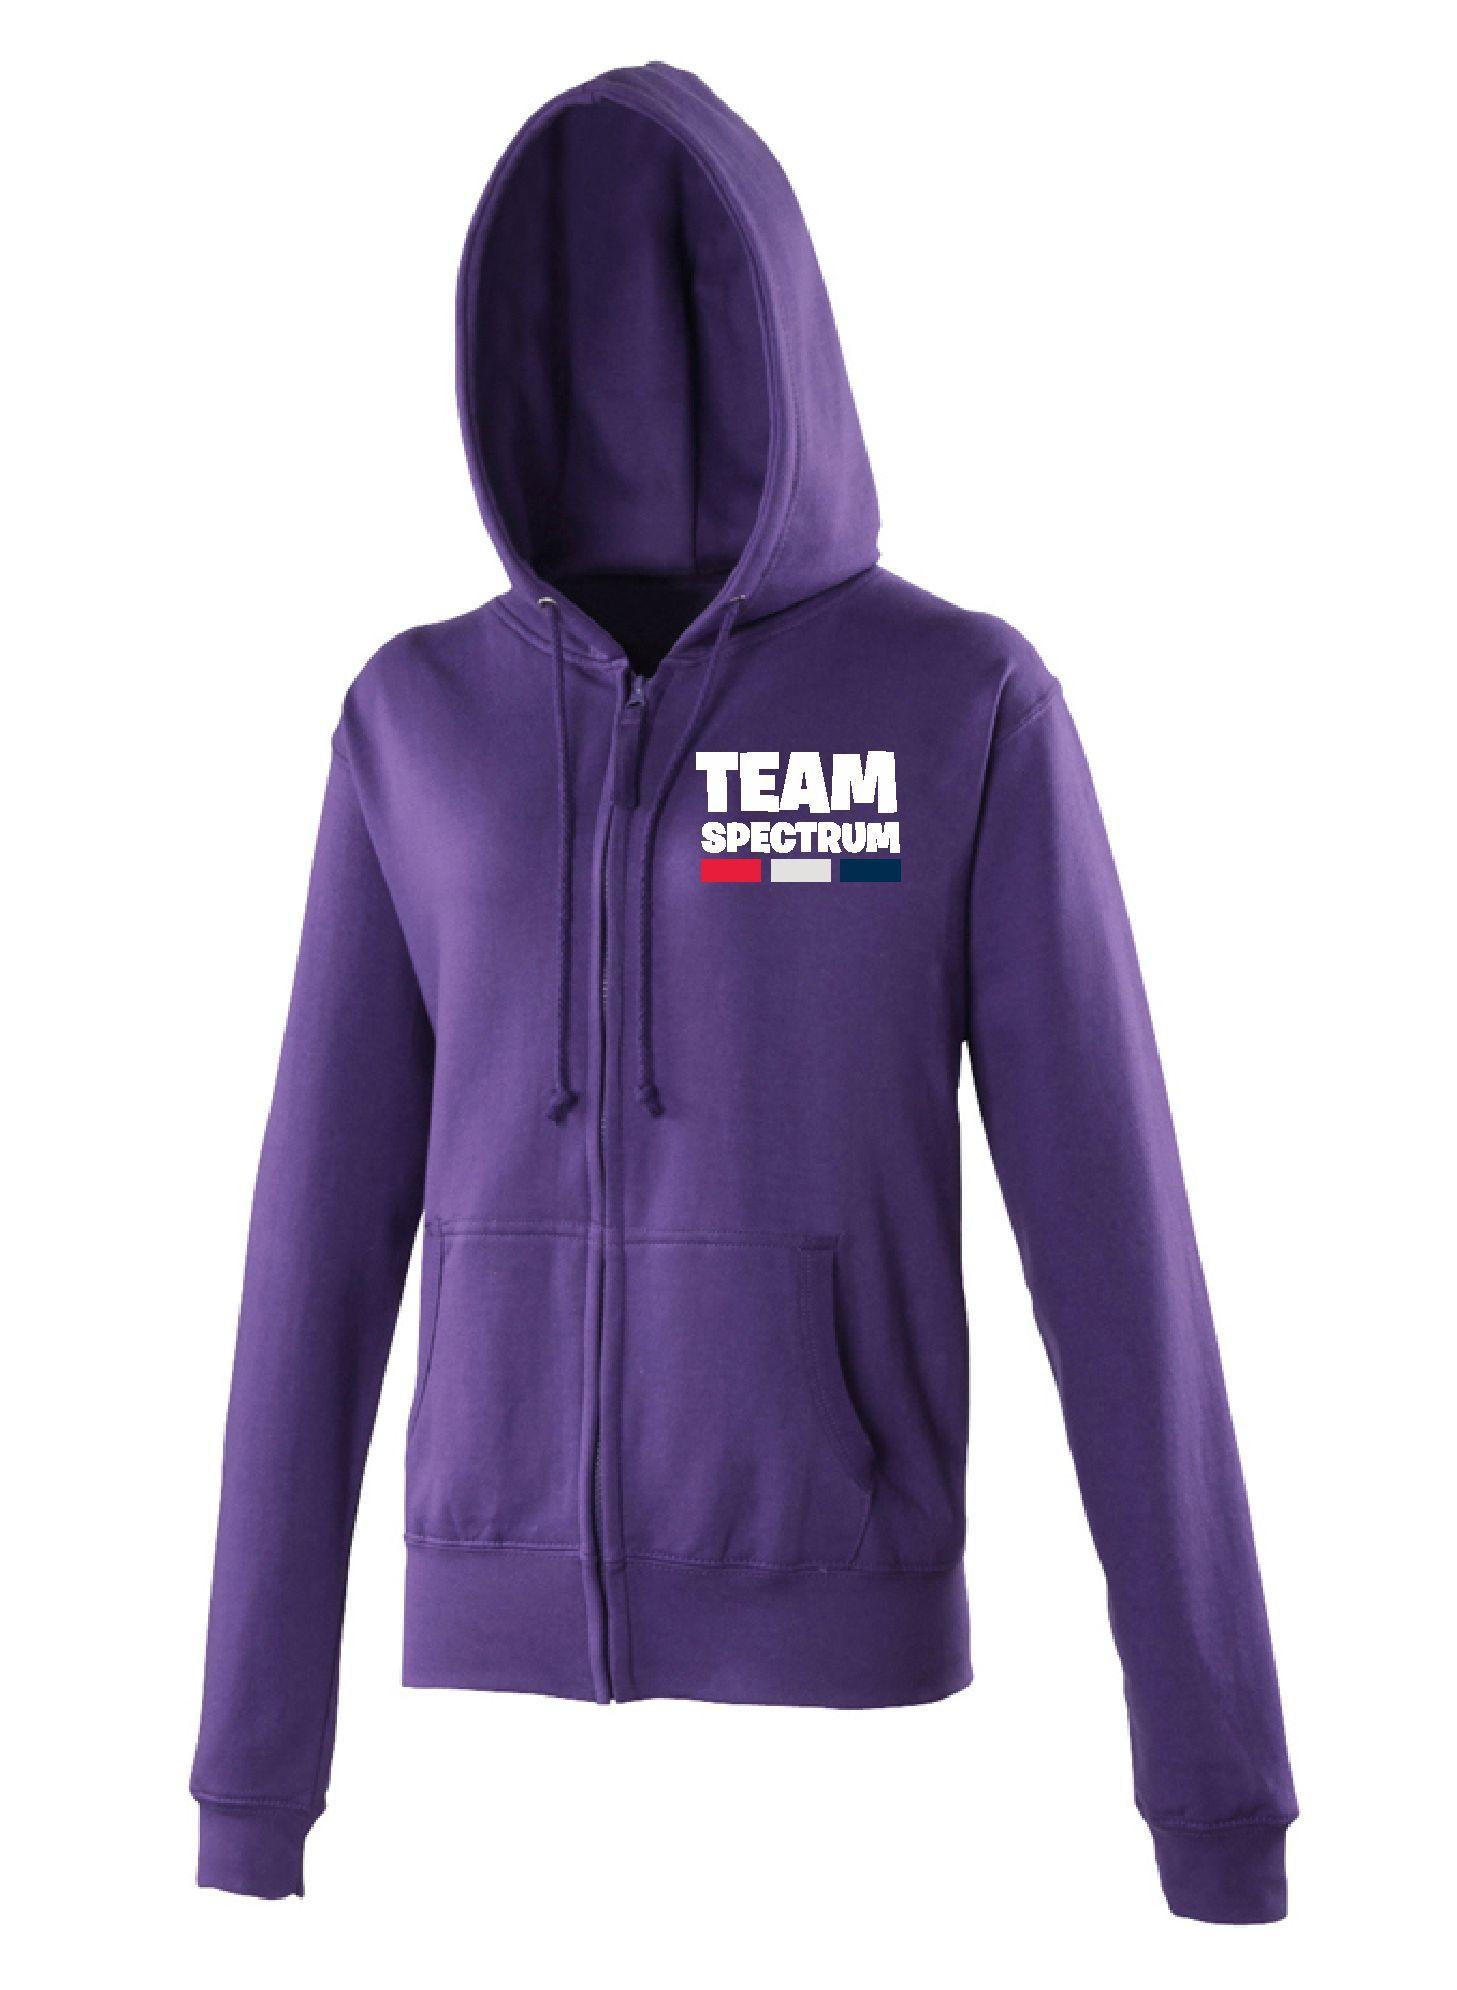 Team Spectrum - Zip Hoodie (Ladies)